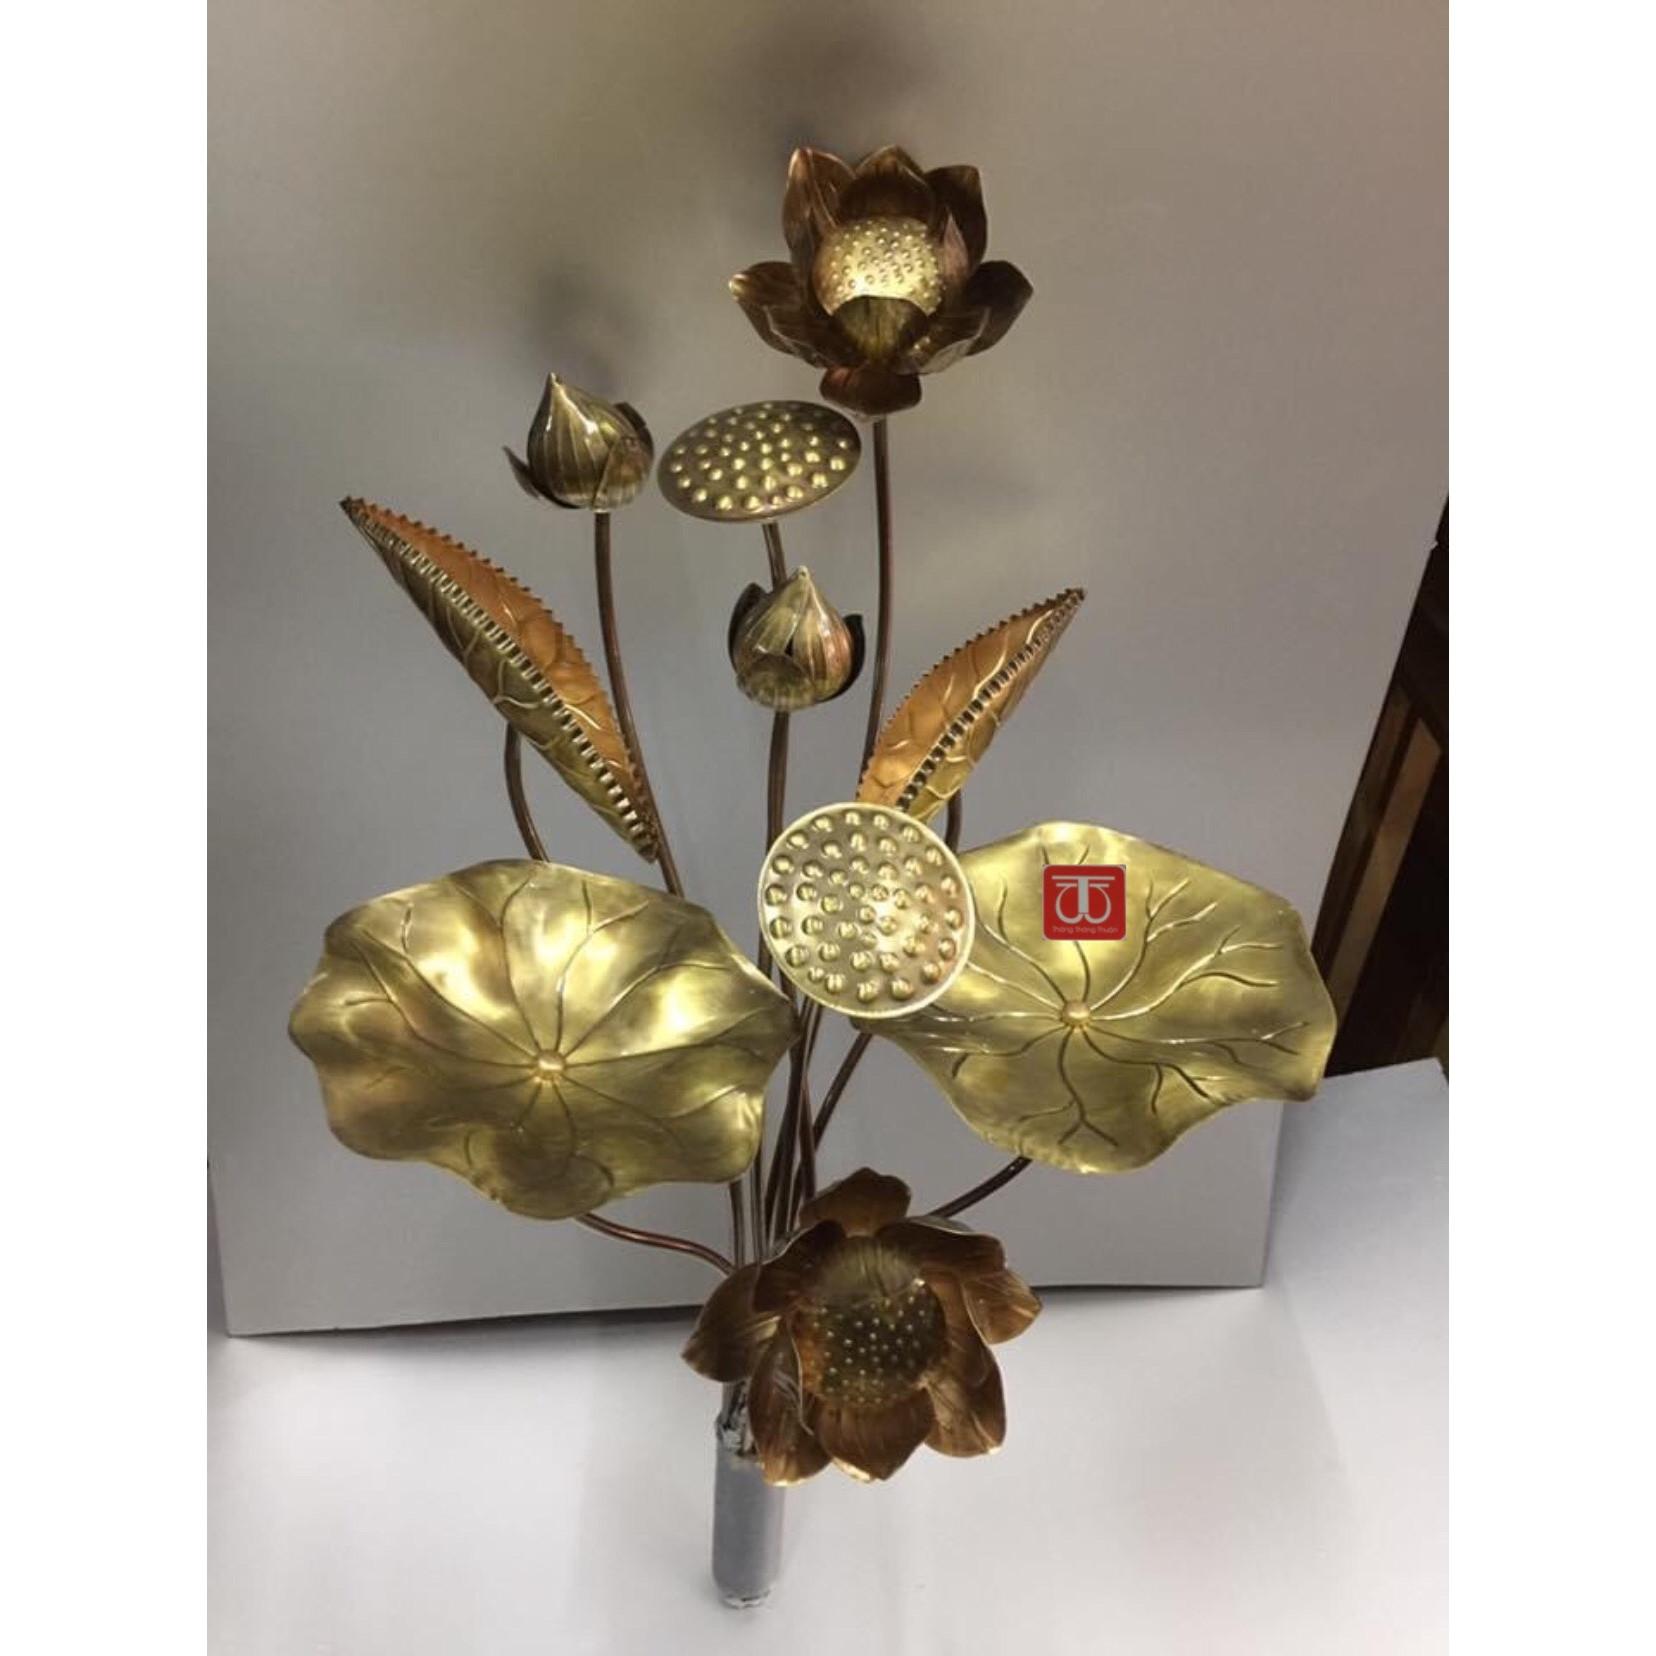 Hoa sen thờ bằng đồng vàng  hun mầu giã cổ  - TL165